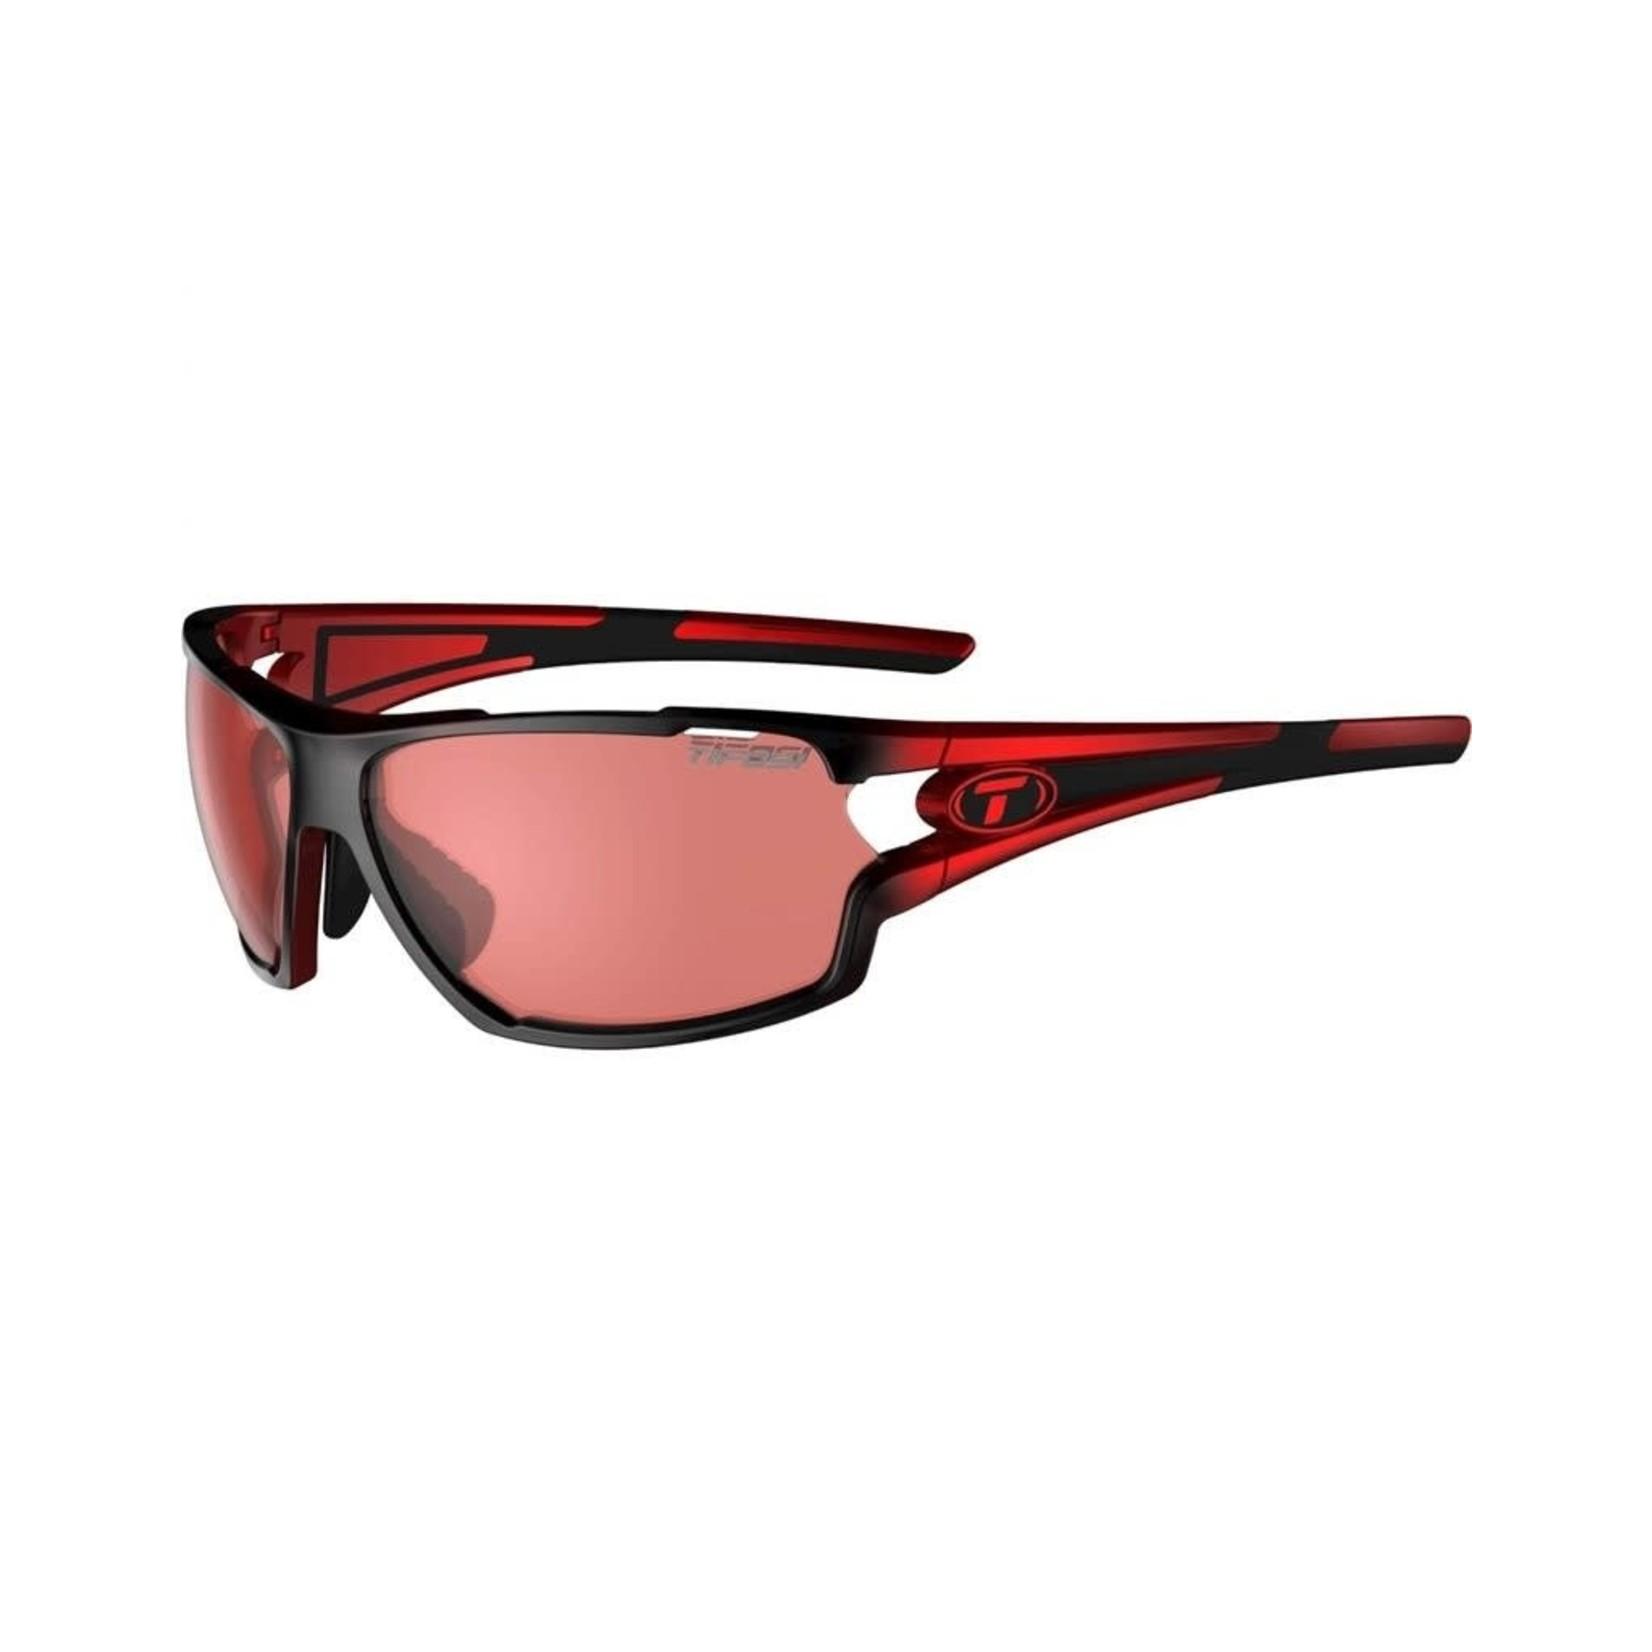 TIFOSI OPTICS Sunglasses Tifosi Amok Race Red